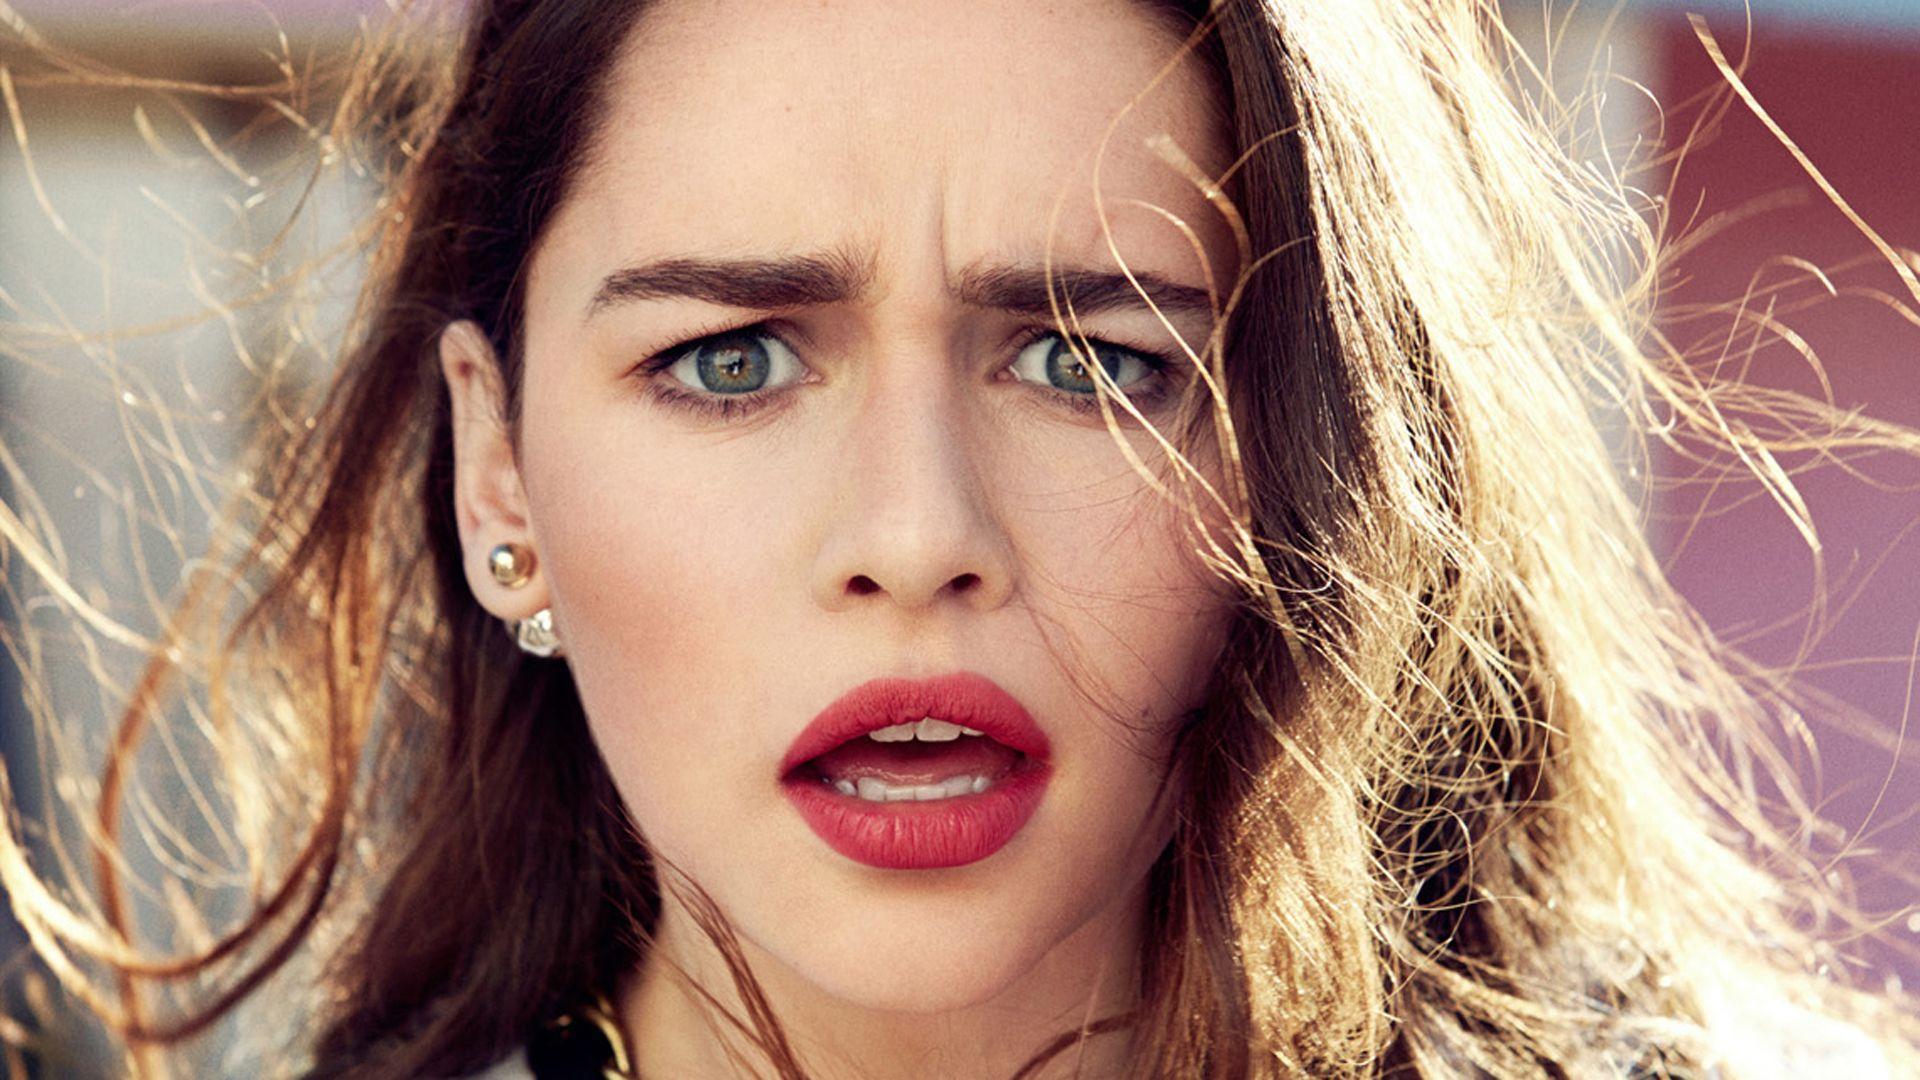 Emilia Clarke as Khaleesi artwork wallpaper